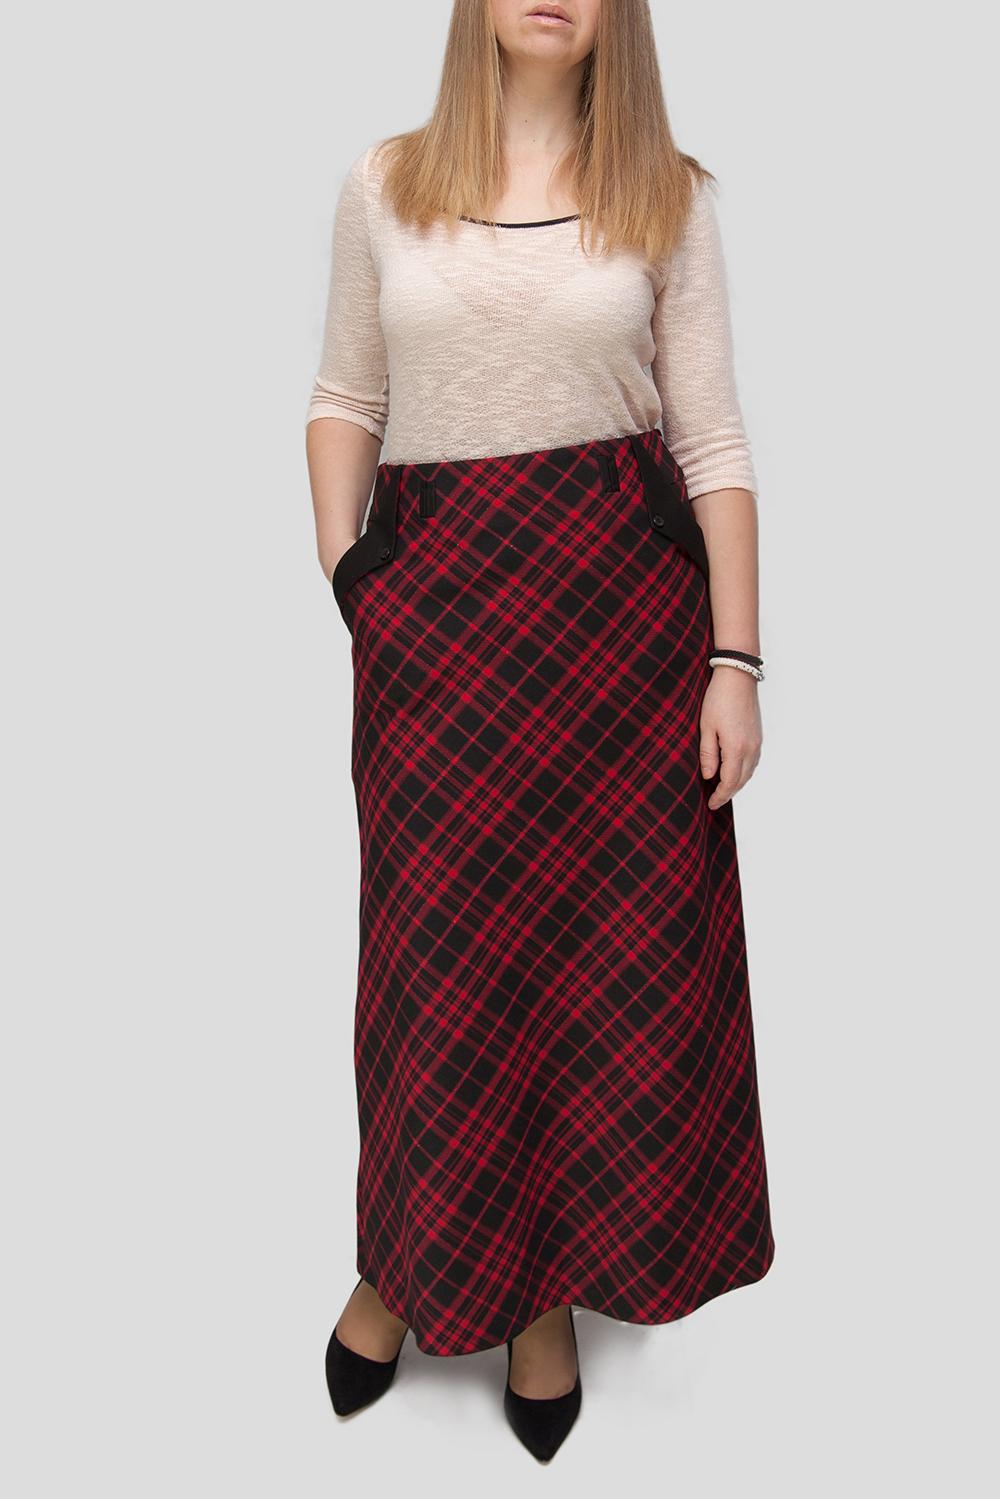 ЮбкаЮбки<br>Цветная юбка из приятного материала. Наличие эластана в составе ткани обеспечивает свободу движений. Отличный выбор для повседневного и делового гардероба. Ткань - плотная костюмная, характеризующаяся эластичностью, растяжимостью и мягкостью. Юбка без пояса.  В изделии использованы цвета: красный, черный  Параметры размеров: 44 размер - обхват груди 84 см., обхват талии 72 см., обхват бедер 97 см. 46 размер - обхват груди 92 см., обхват талии 76 см., обхват бедер 100 см. 48 размер - обхват груди 96 см., обхват талии 80 см., обхват бедер 103 см. 50 размер - обхват груди 100 см., обхват талии 84 см., обхват бедер 106 см. 52 размер - обхват груди 104 см., обхват талии 88 см., обхват бедер 109 см. 54 размер - обхват груди 110 см., обхват талии 94,5 см., обхват бедер 114 см. 56 размер - обхват груди 116 см., обхват талии 101 см., обхват бедер 119 см. 58 размер - обхват груди 122 см., обхват талии 107,5 см., обхват бедер 124 см. 60 размер - обхват груди 128 см., обхват талии 114 см., обхват бедер 129 см.  Ростовка изделия 168 см.<br><br>По длине: Макси<br>По материалу: Костюмные ткани<br>По рисунку: В клетку,С принтом,Цветные<br>По сезону: Зима,Осень,Весна<br>По силуэту: Прямые<br>По стилю: Повседневный стиль<br>По форме: Юбка-трапеция<br>По элементам: С декором,С карманами<br>Размер : 44,46,48<br>Материал: Костюмная ткань<br>Количество в наличии: 4